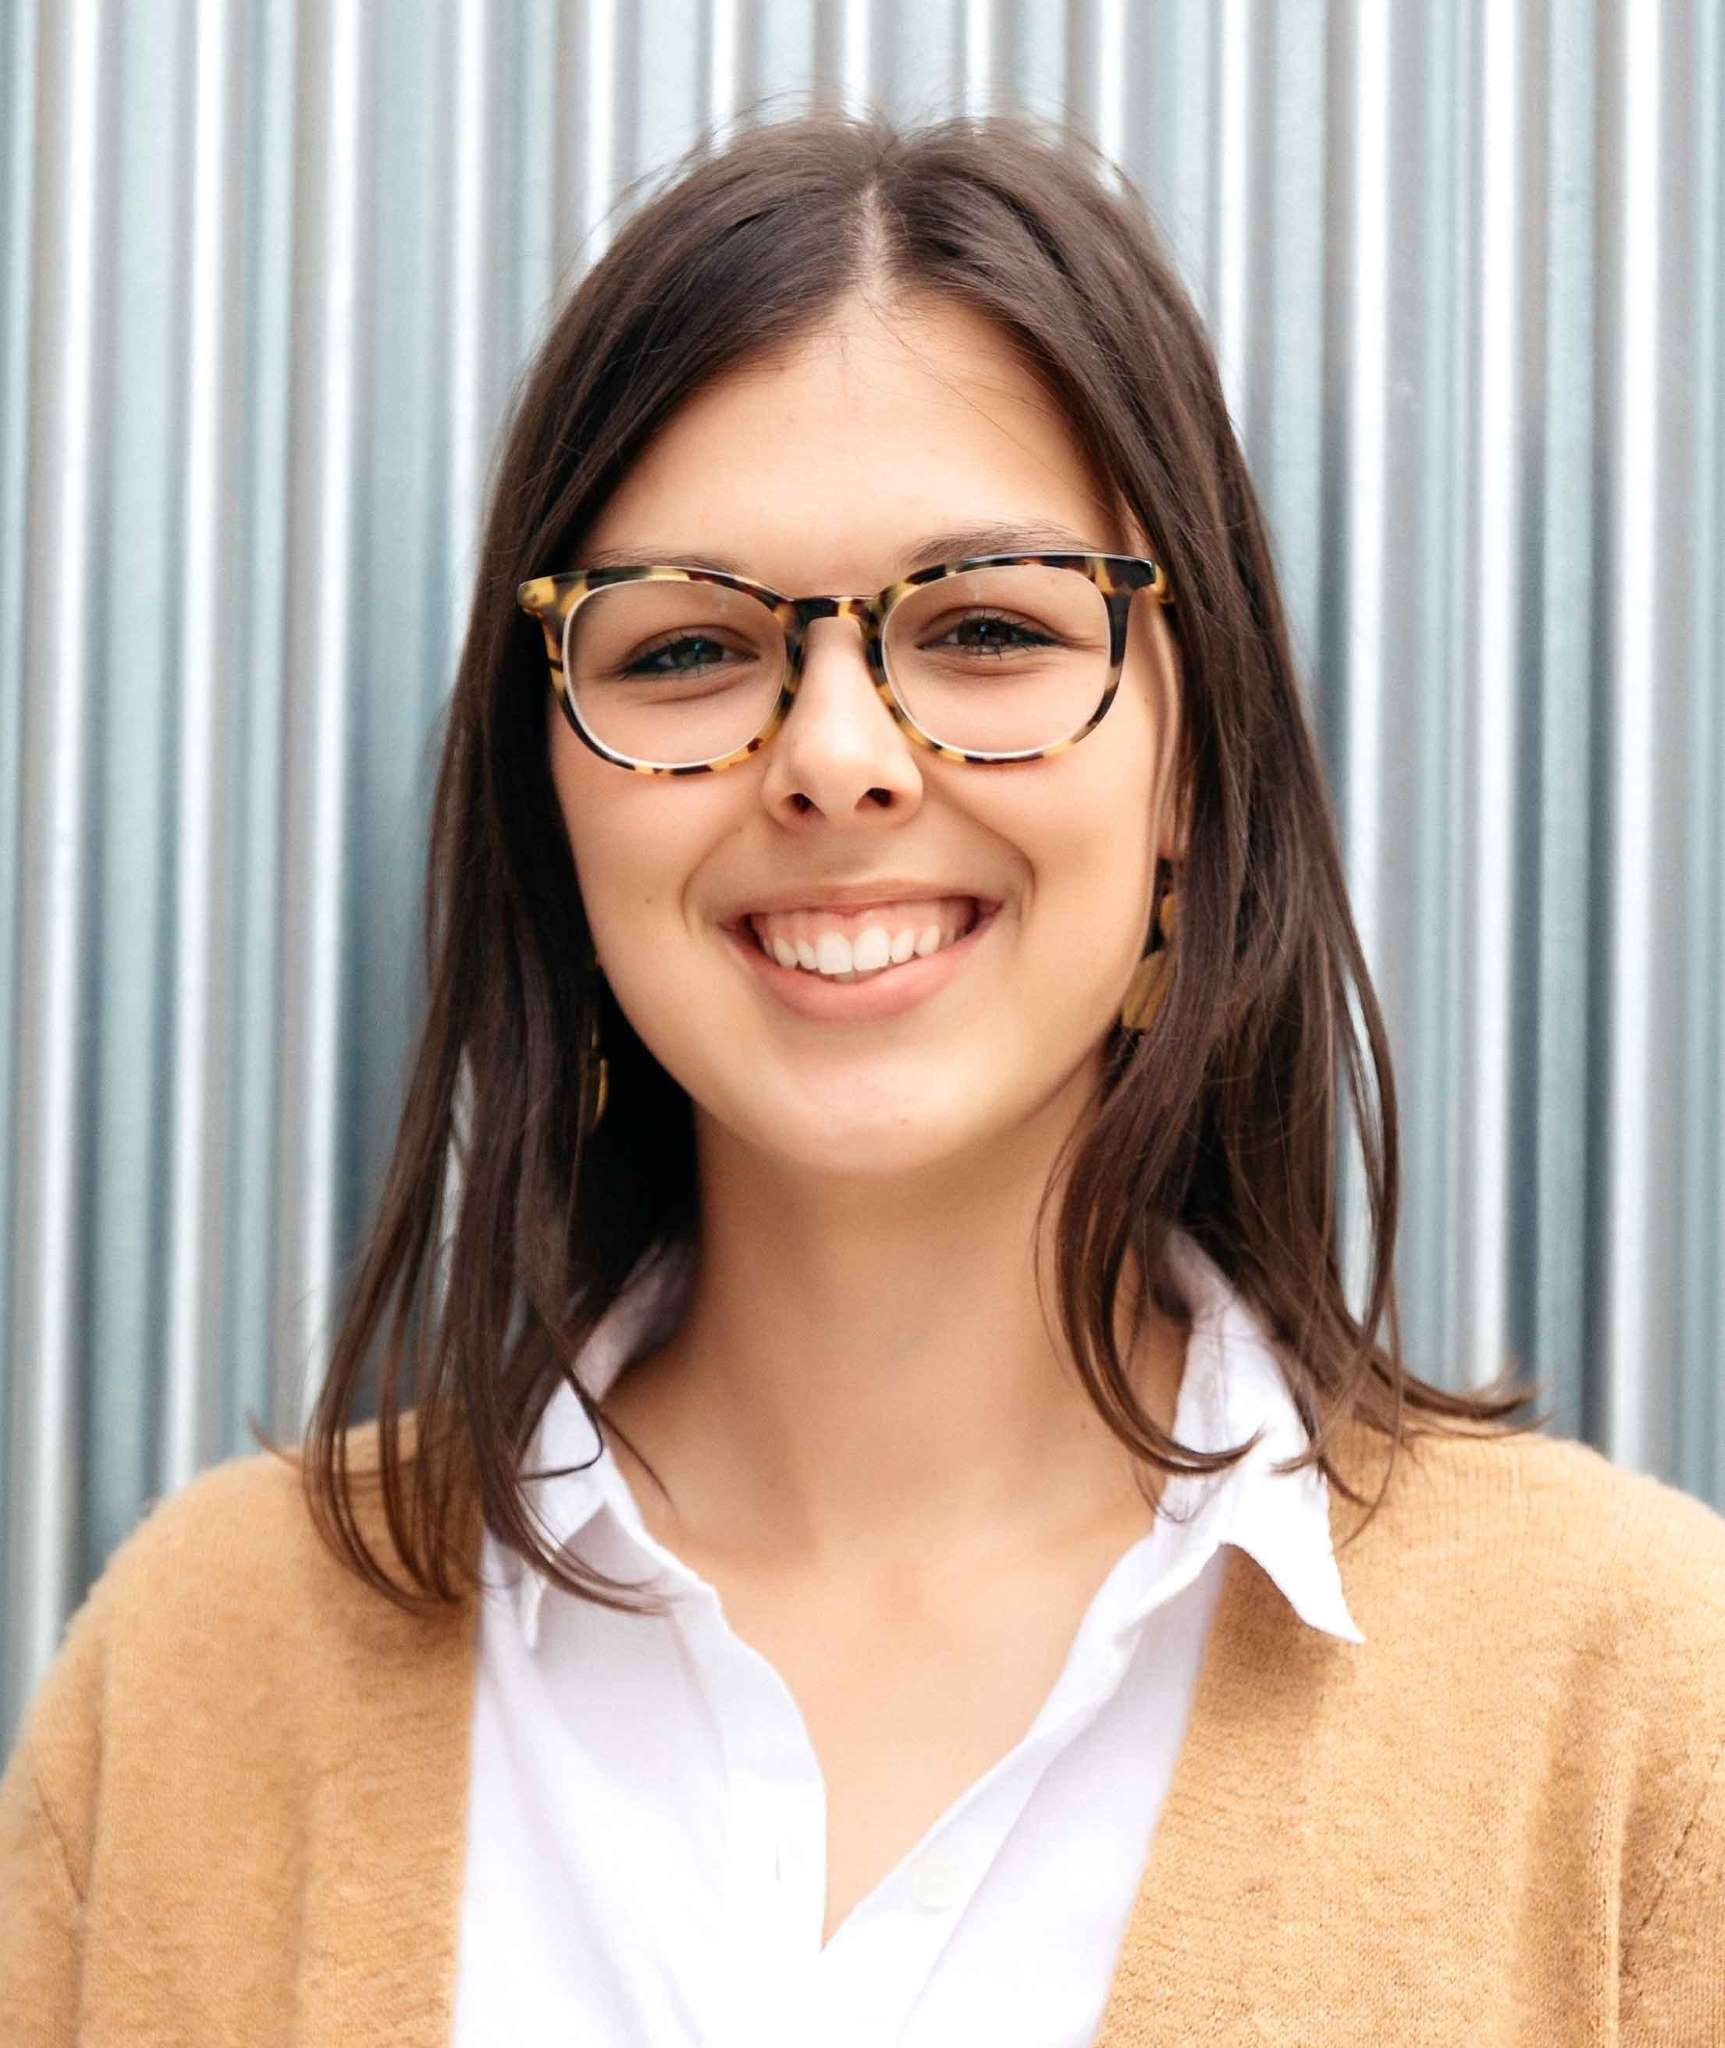 Maryana Kreshchuck